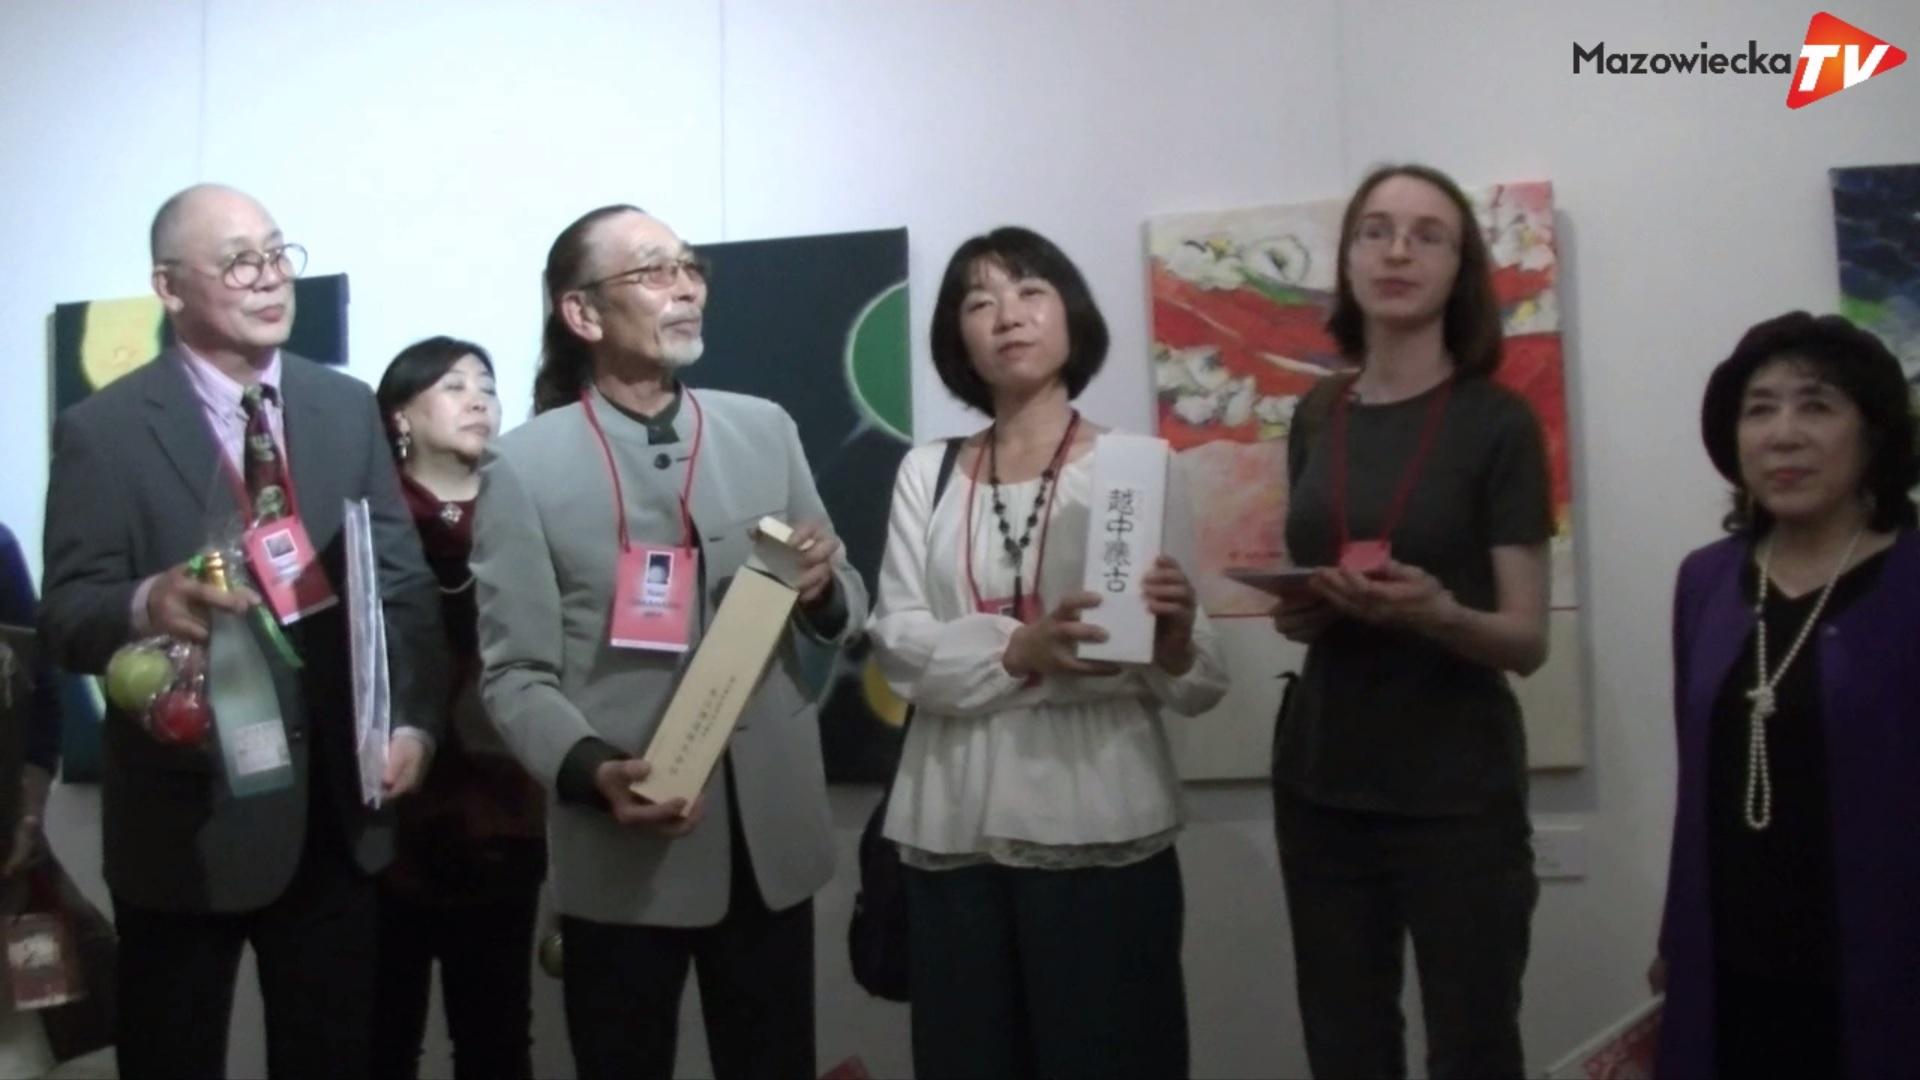 Otwarcie wystawy artystów z Japonii ART/X/TOYAMA w Grójeckim Ośrodku Kultury